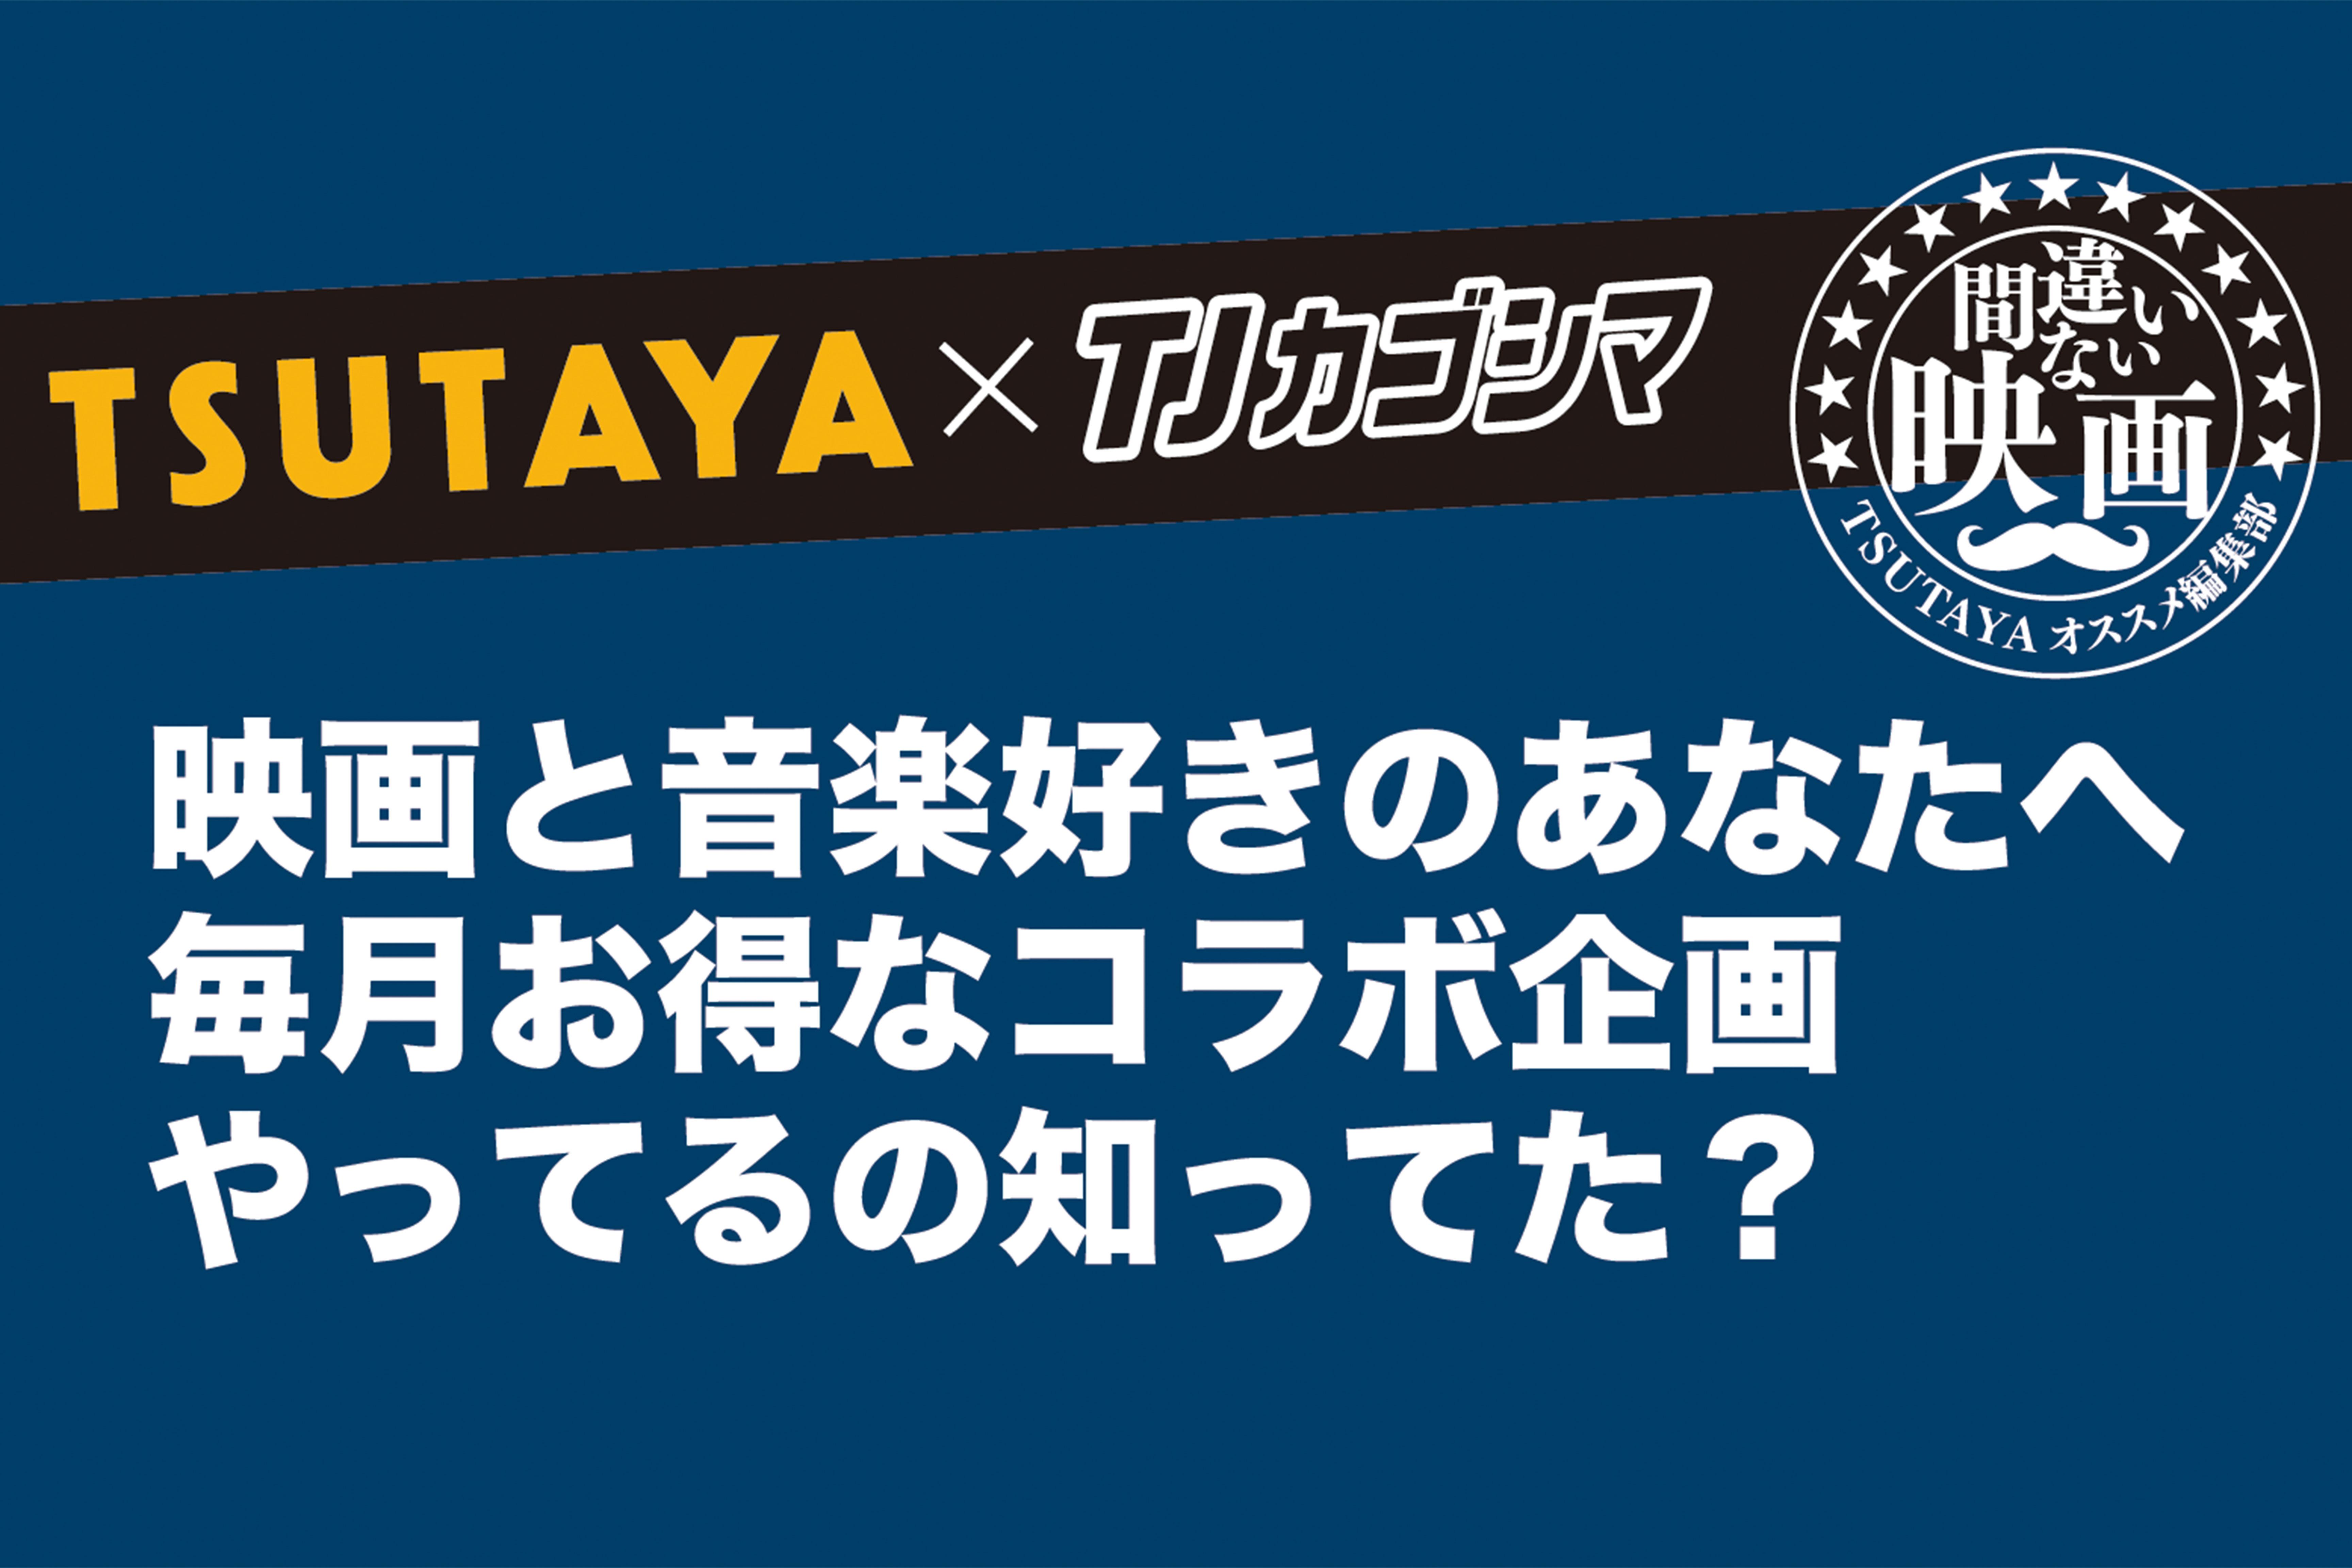 TJカゴシマとTSUTAYAがコラボしてるの知ってる?